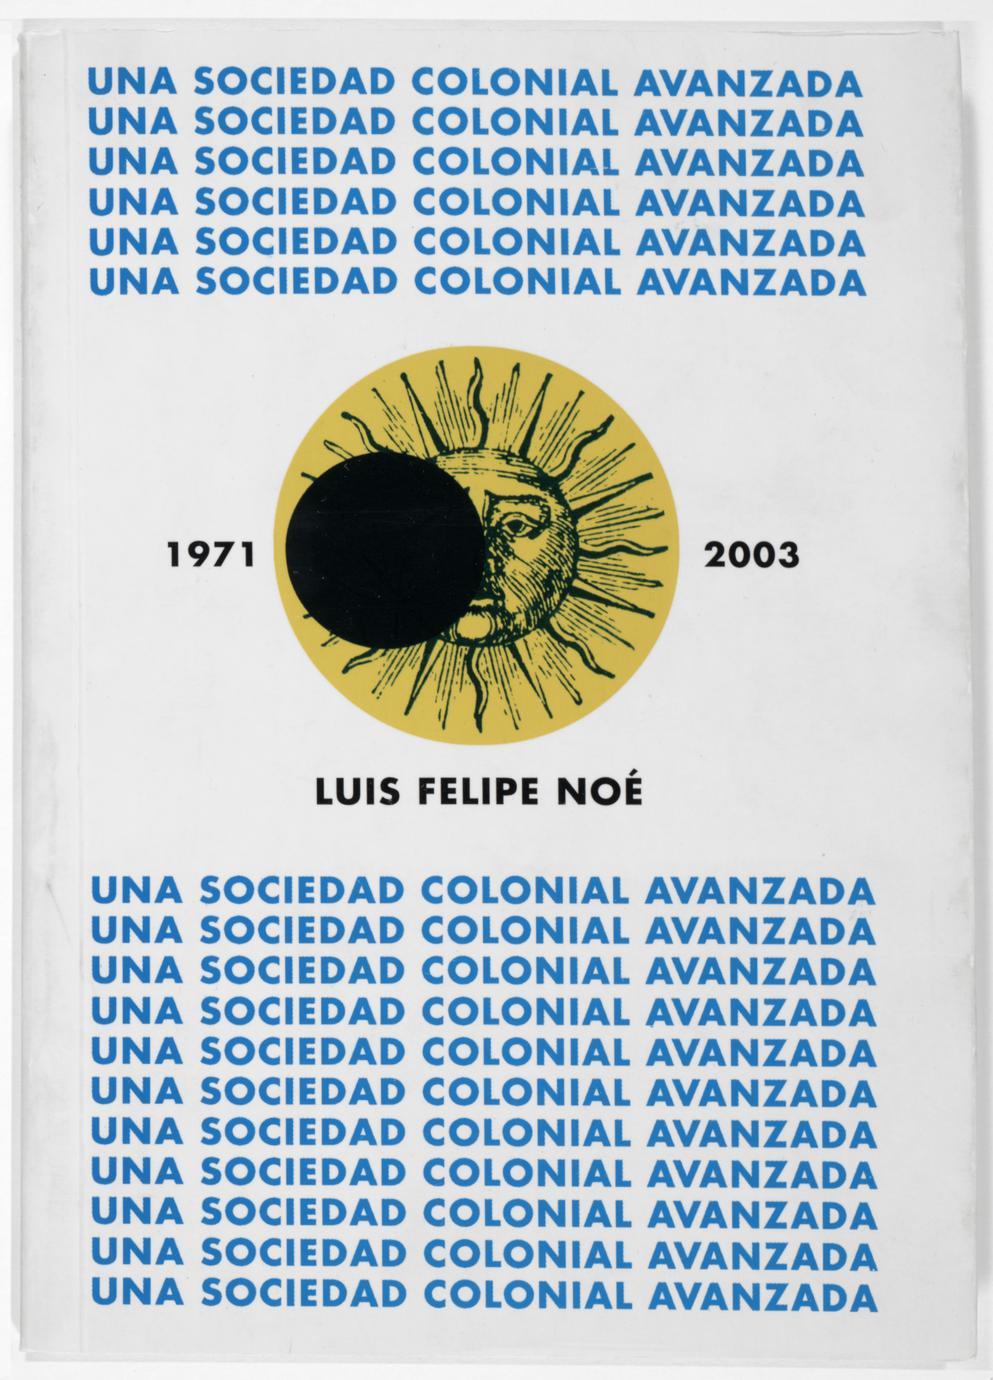 Una sociedad colonial avanzada (1 of 3)